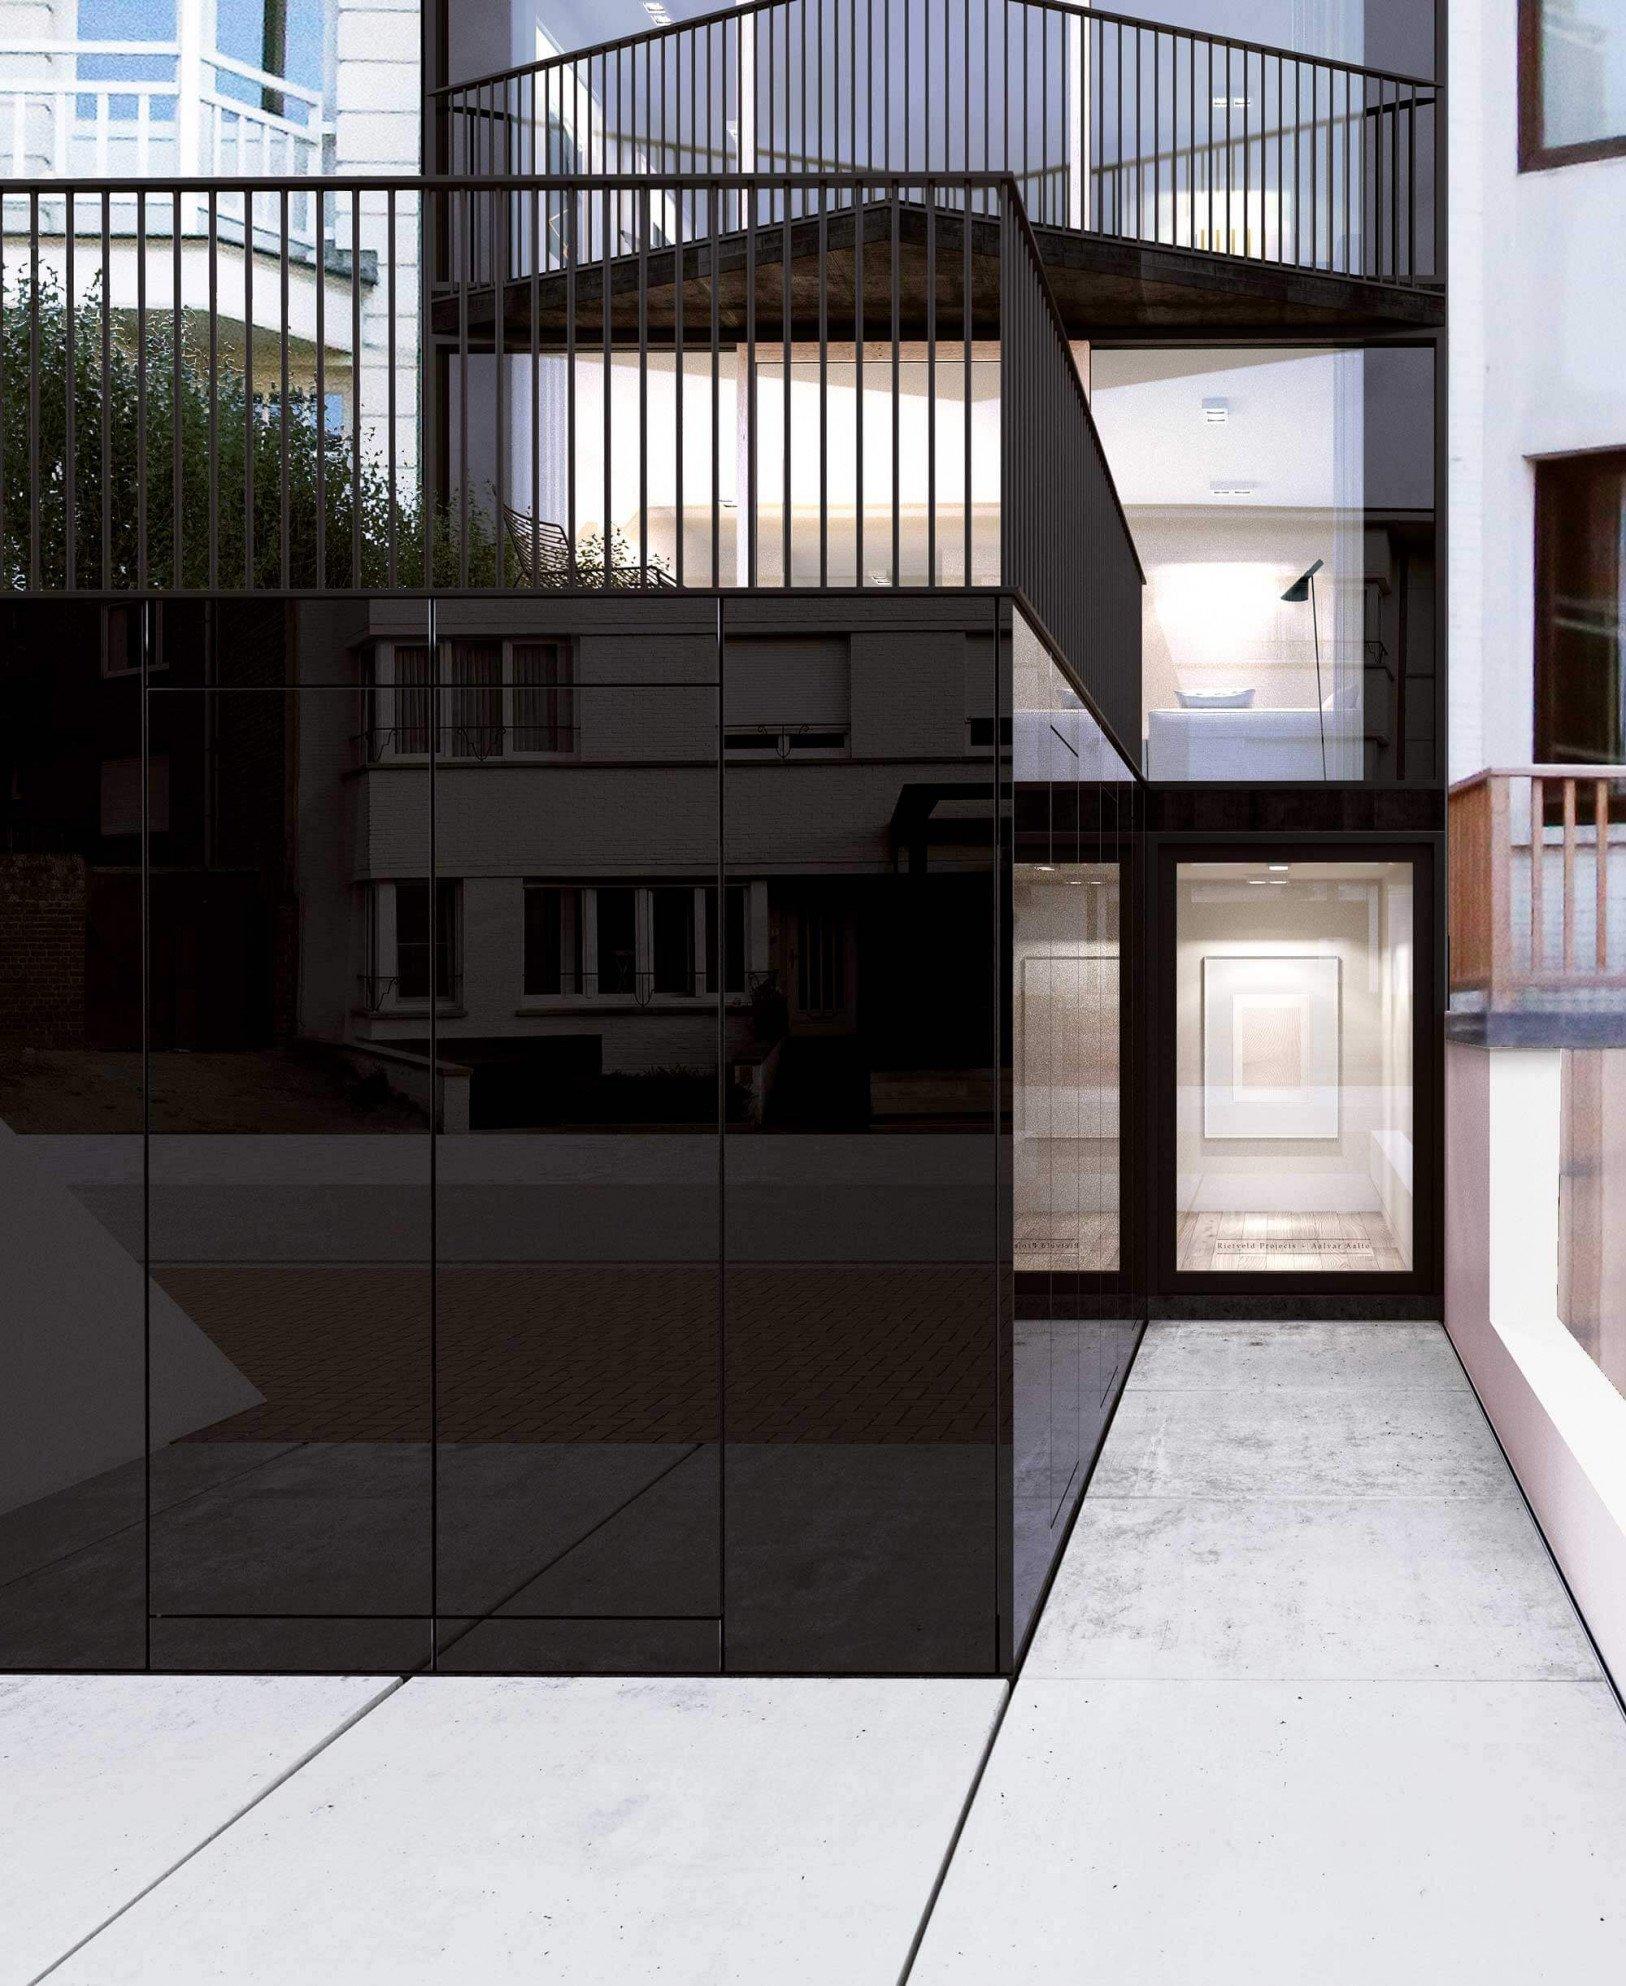 Rietveldprojects.be-AlvarAltoo-Tekoop-design-architectuur-kust7.jpg